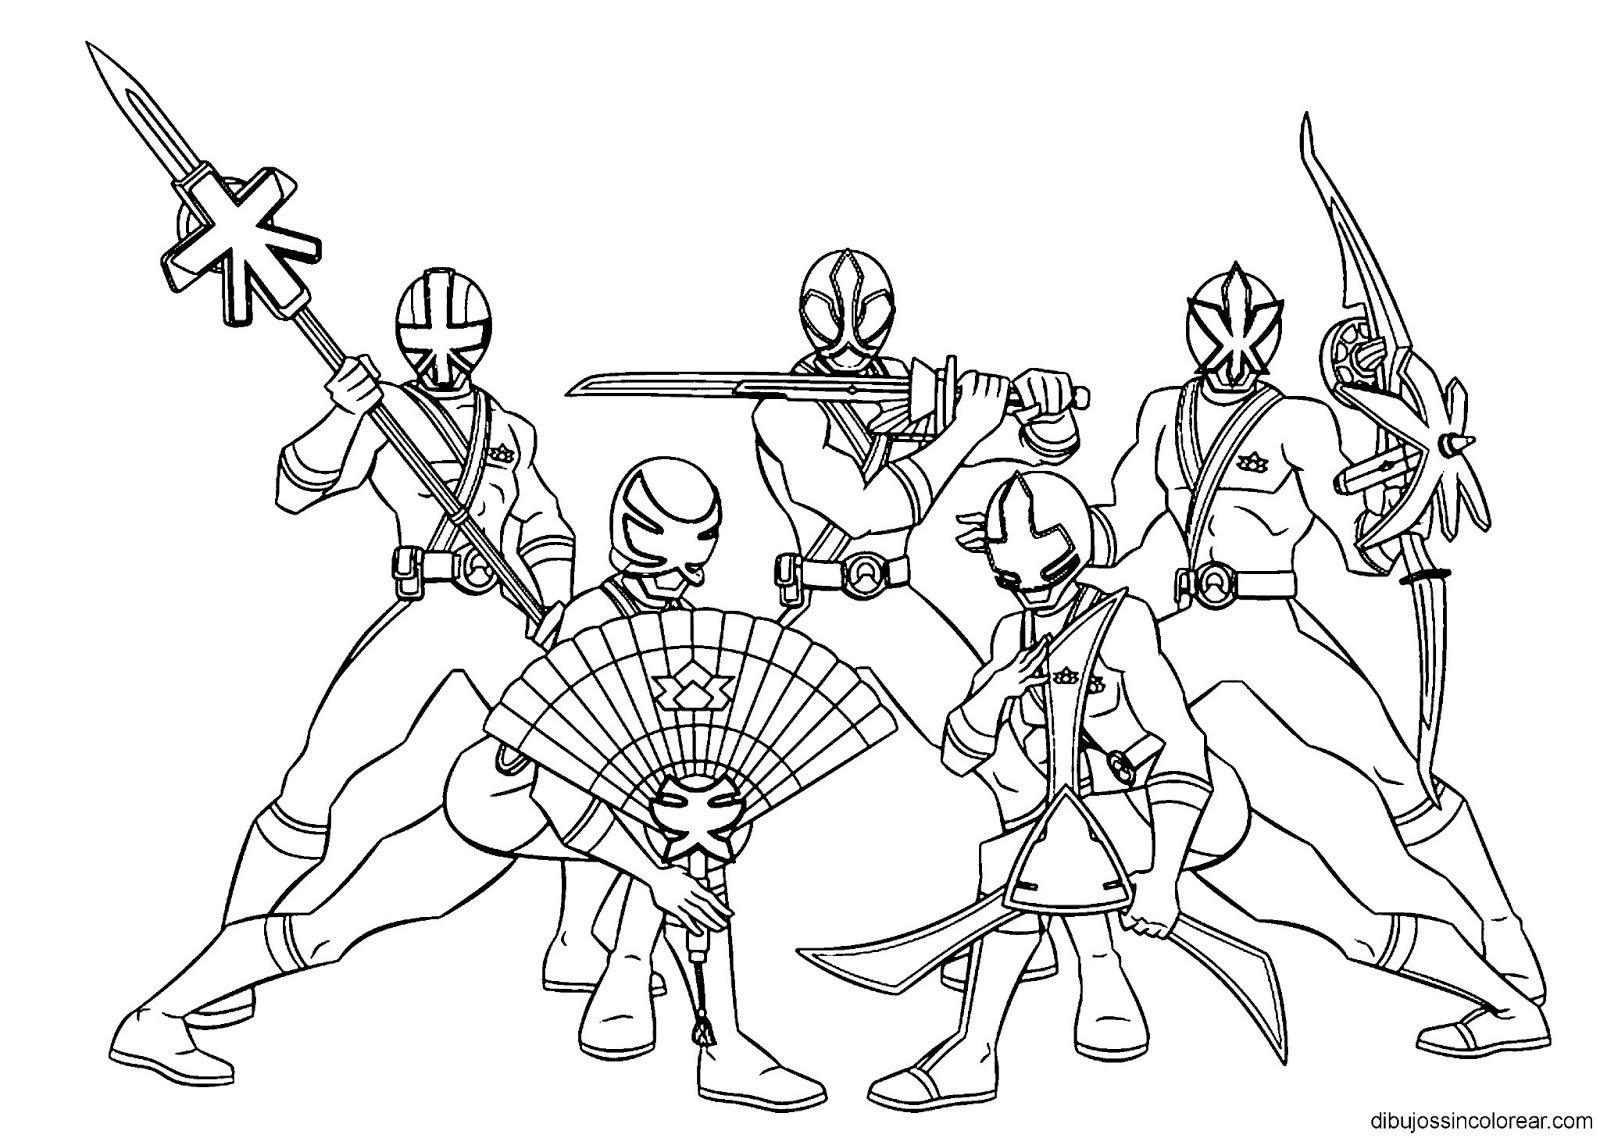 Dibujos Sin Colorear  Dibujos De Personajes De Power Rangers